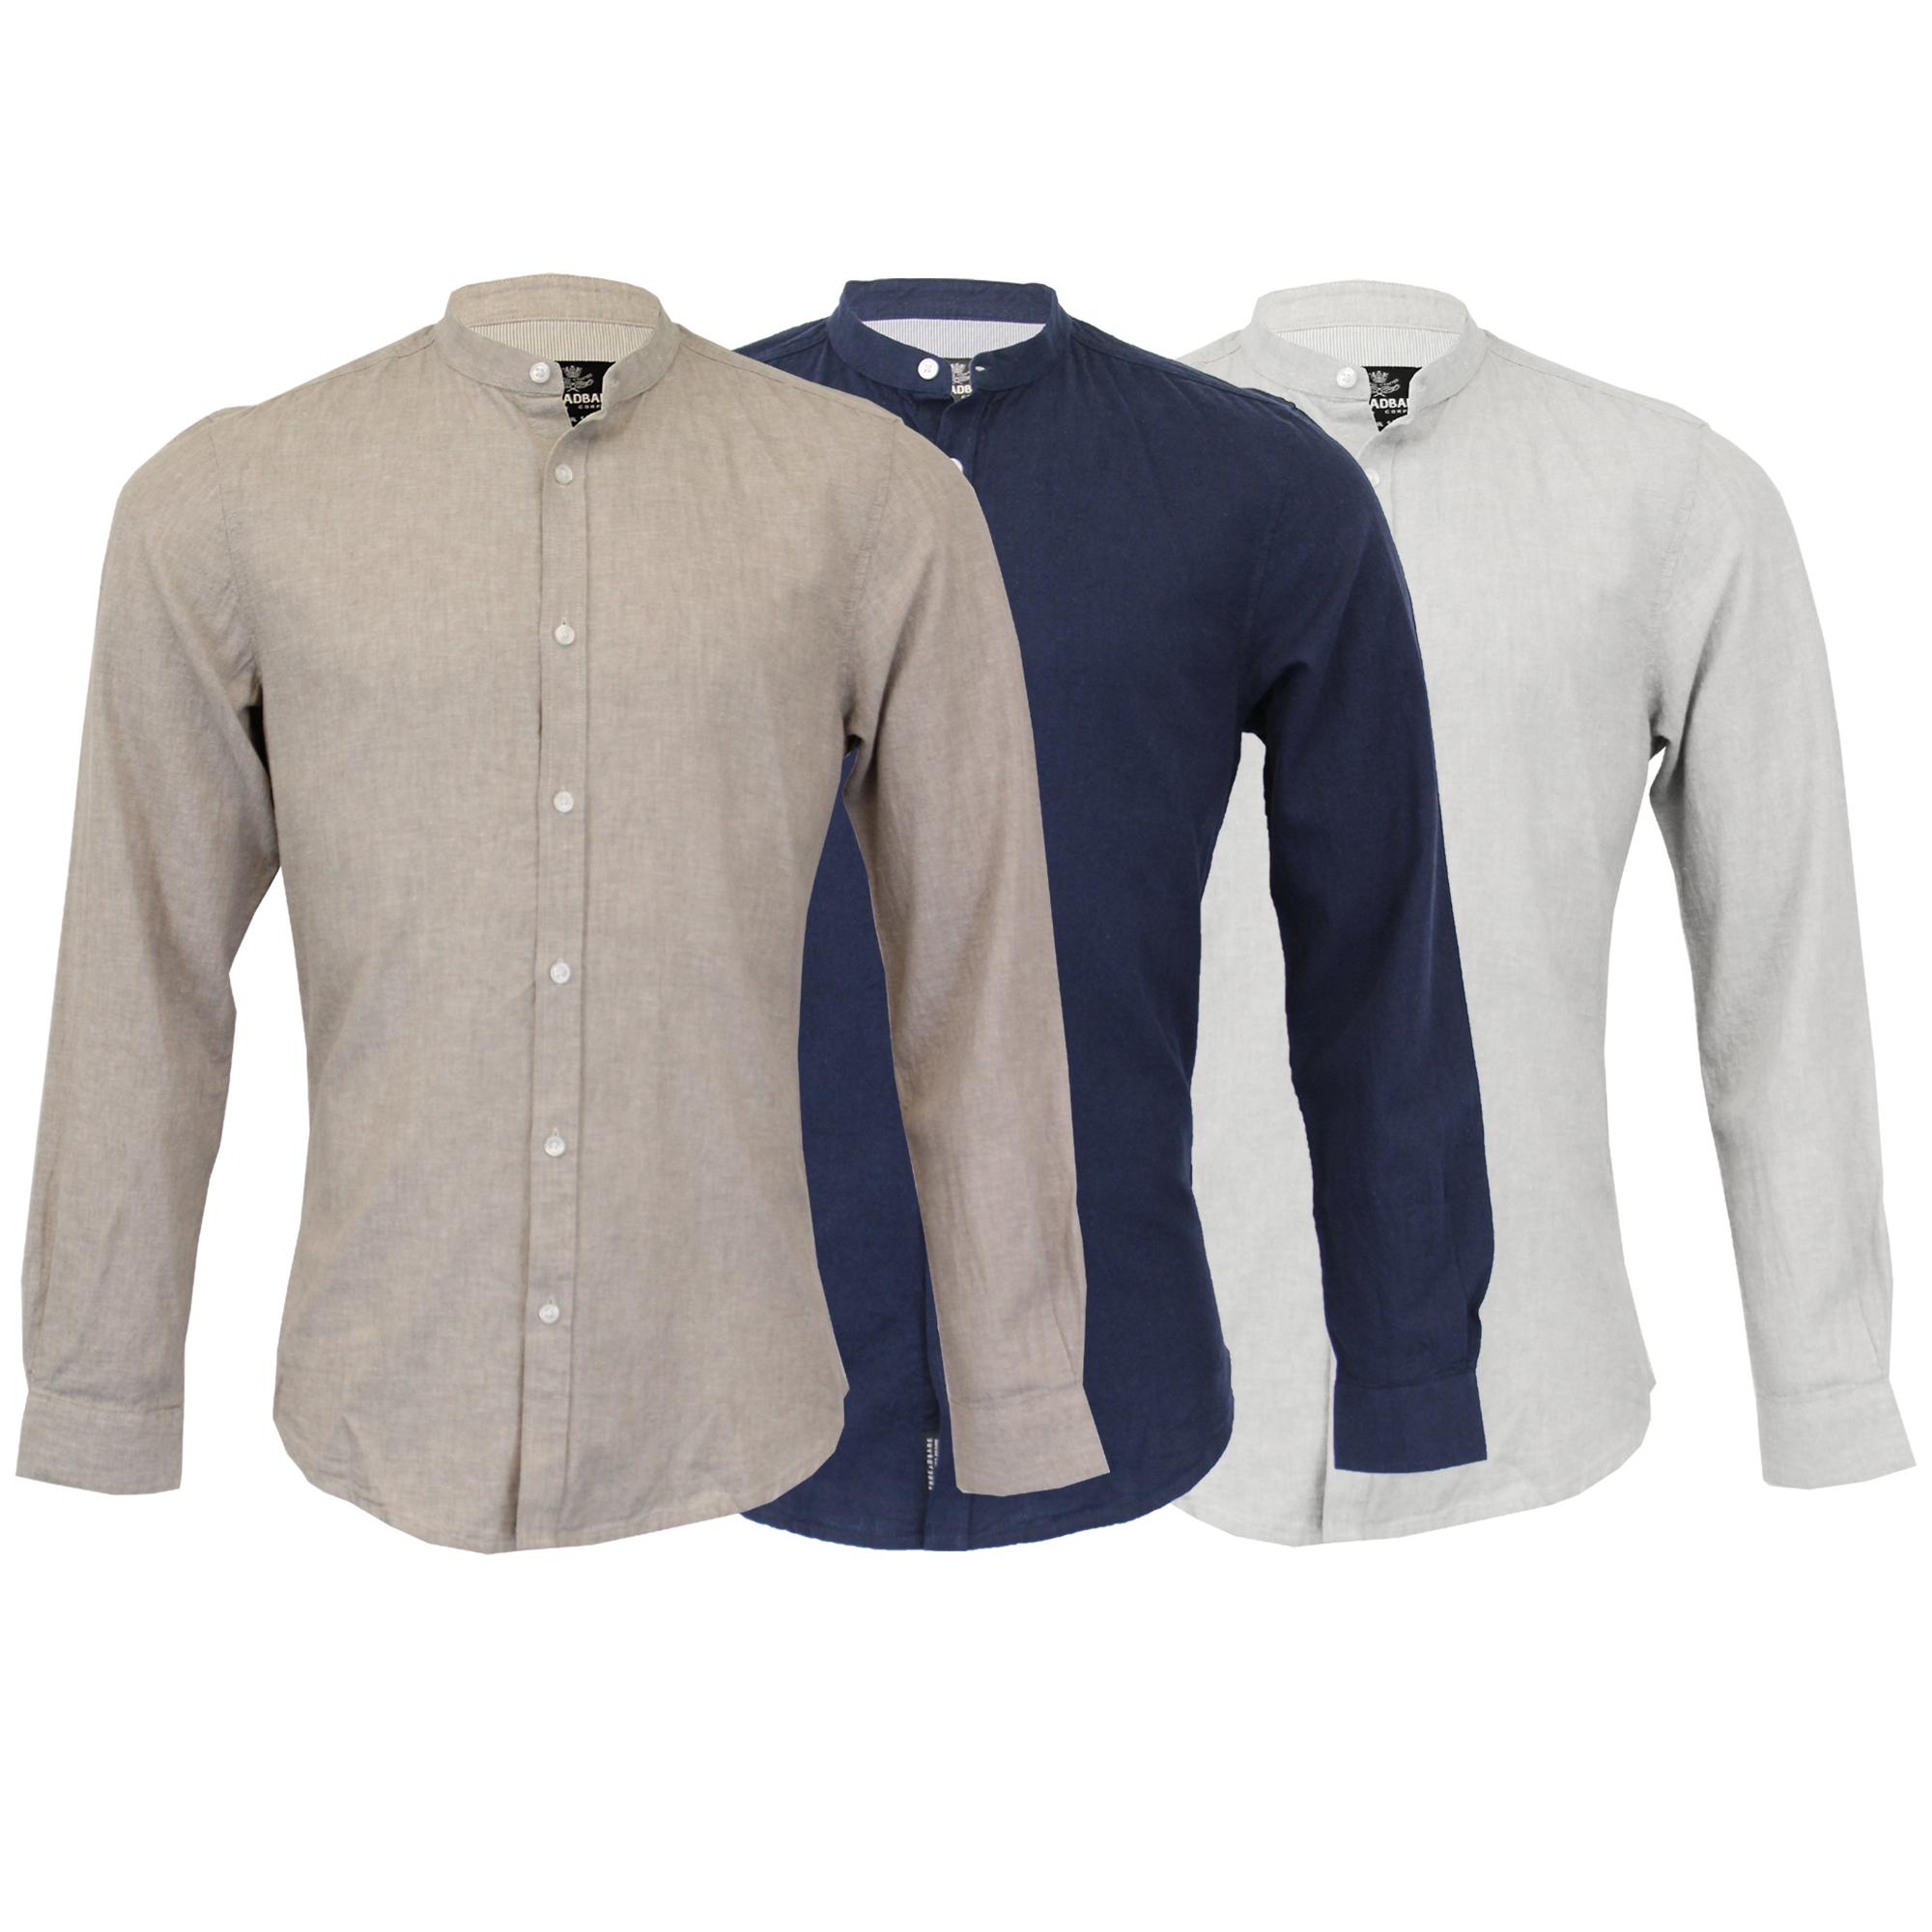 Hombre Forrado Camisa de Algodón Threadbare Cuello Mao Manga Larga . 7b0f583d4c7